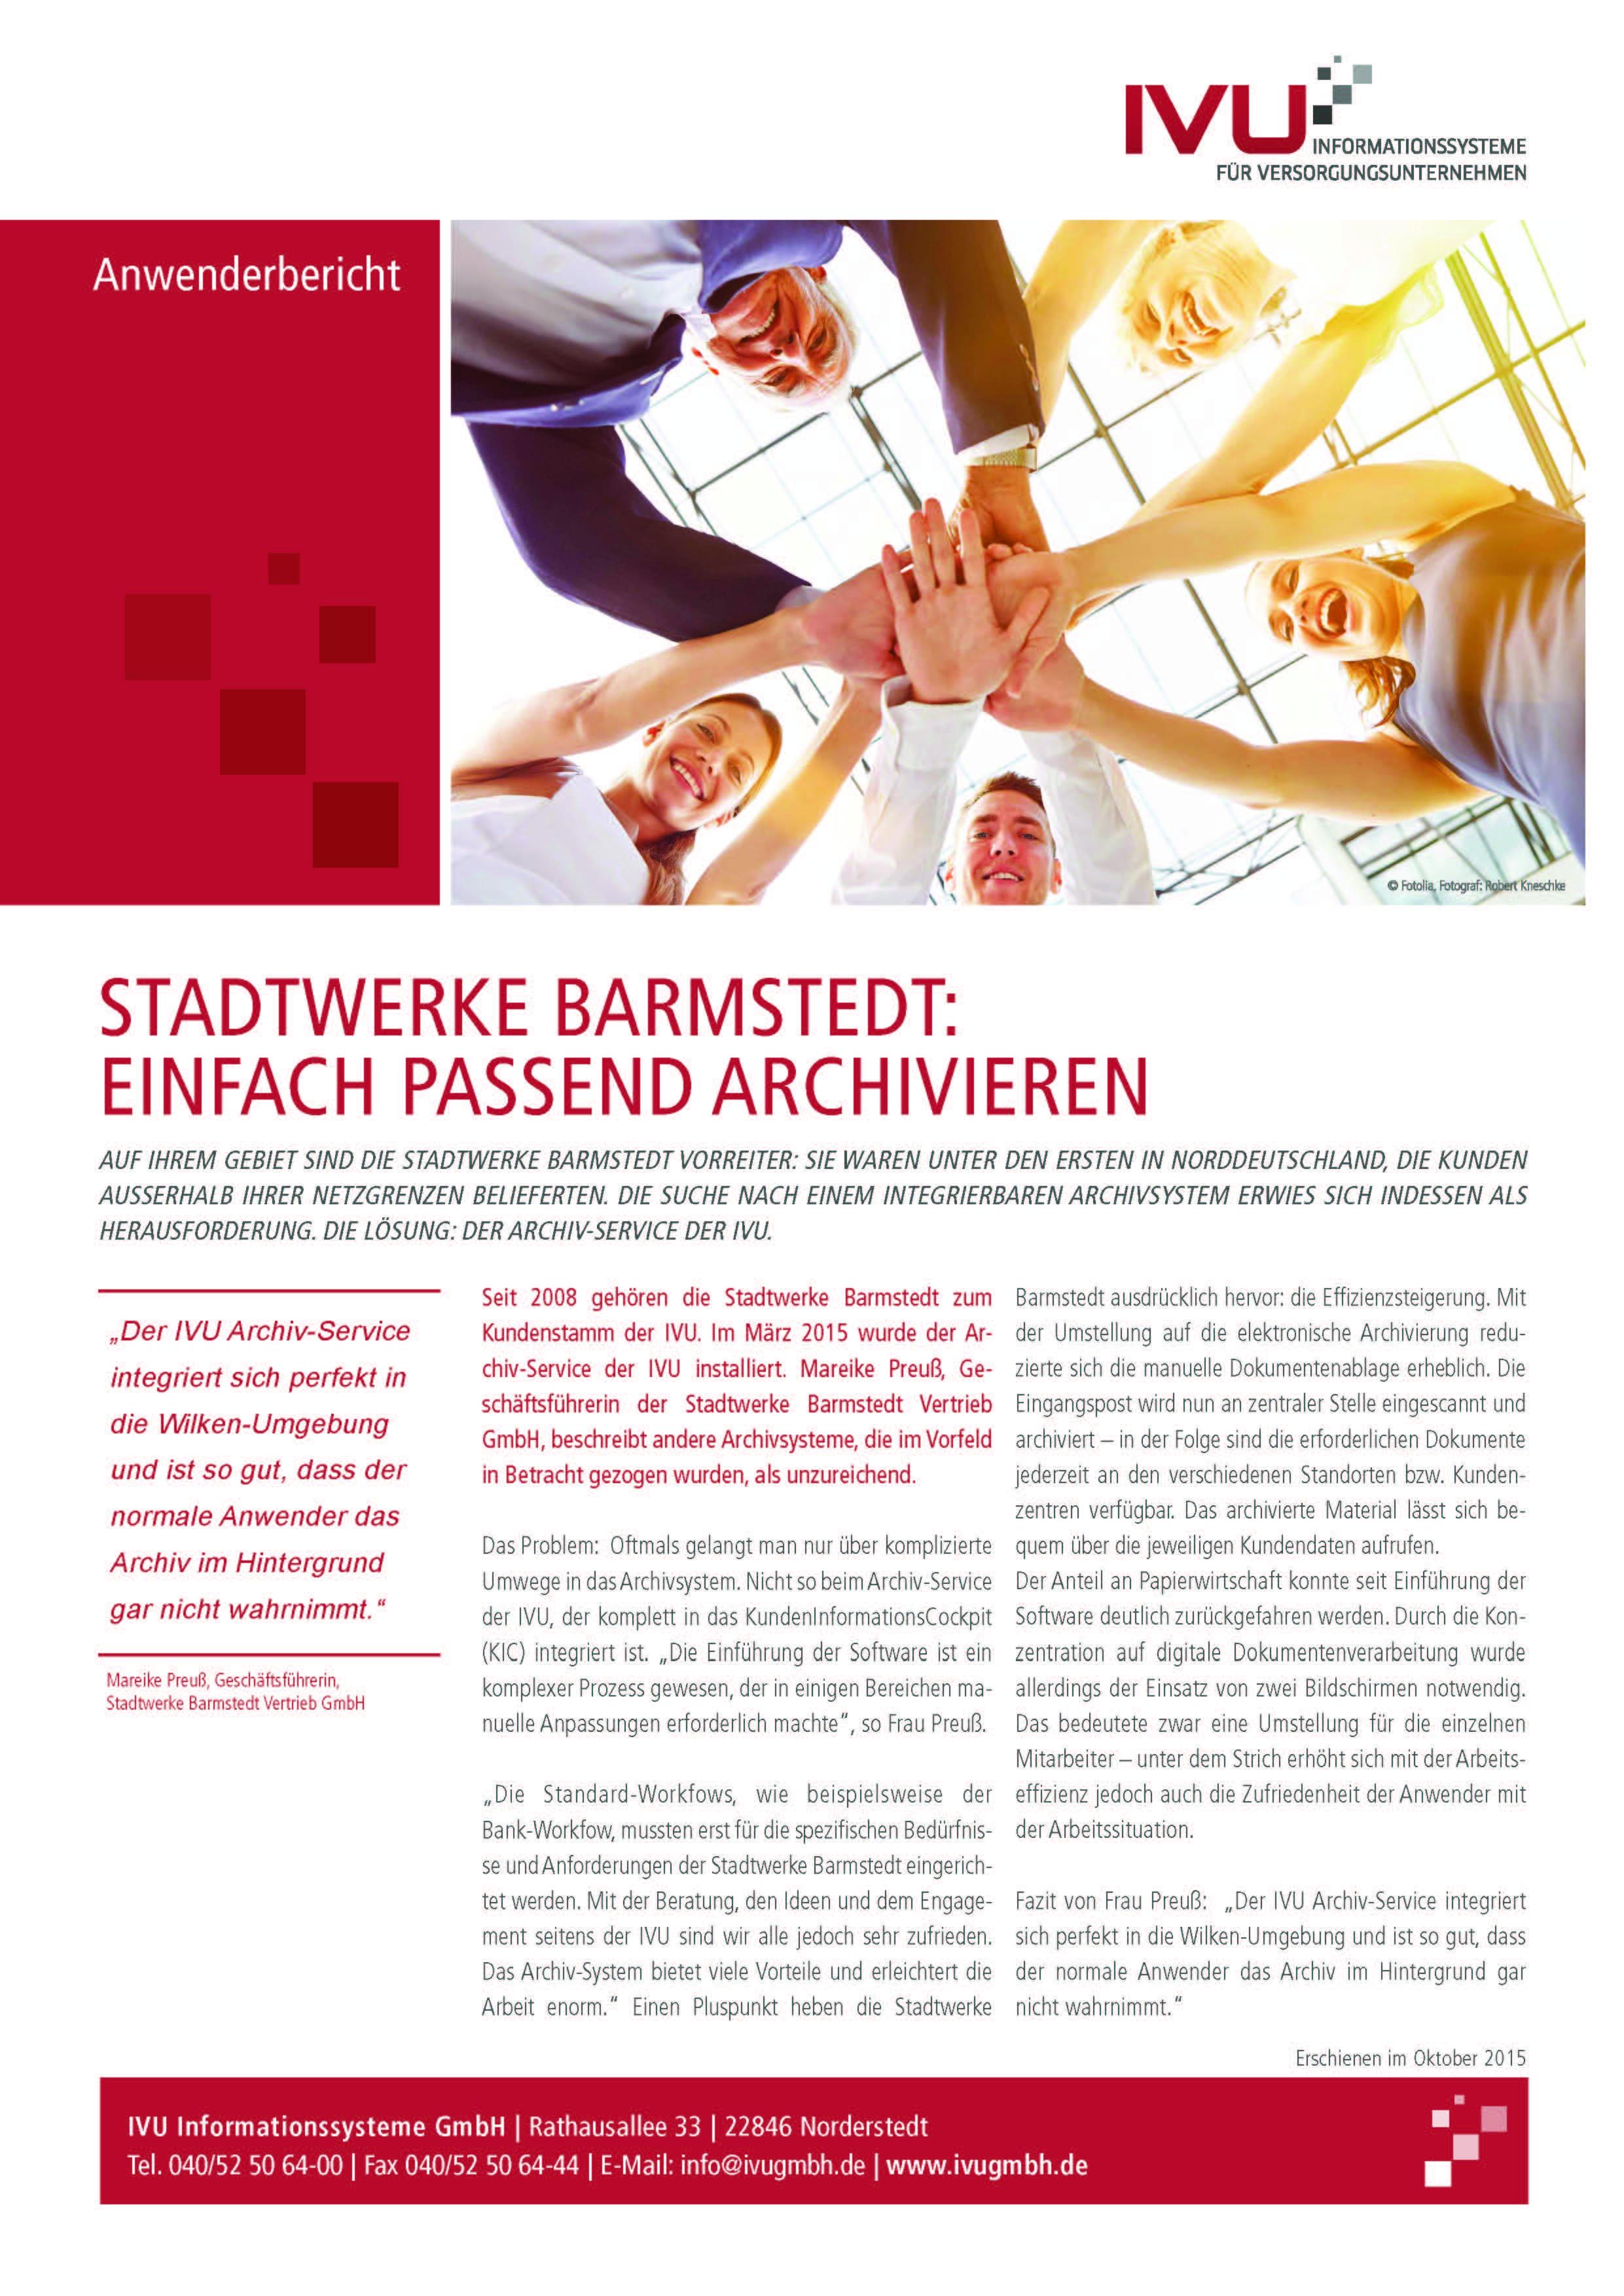 IVU.ArchivService bei den Stadtwerken Barmstedt